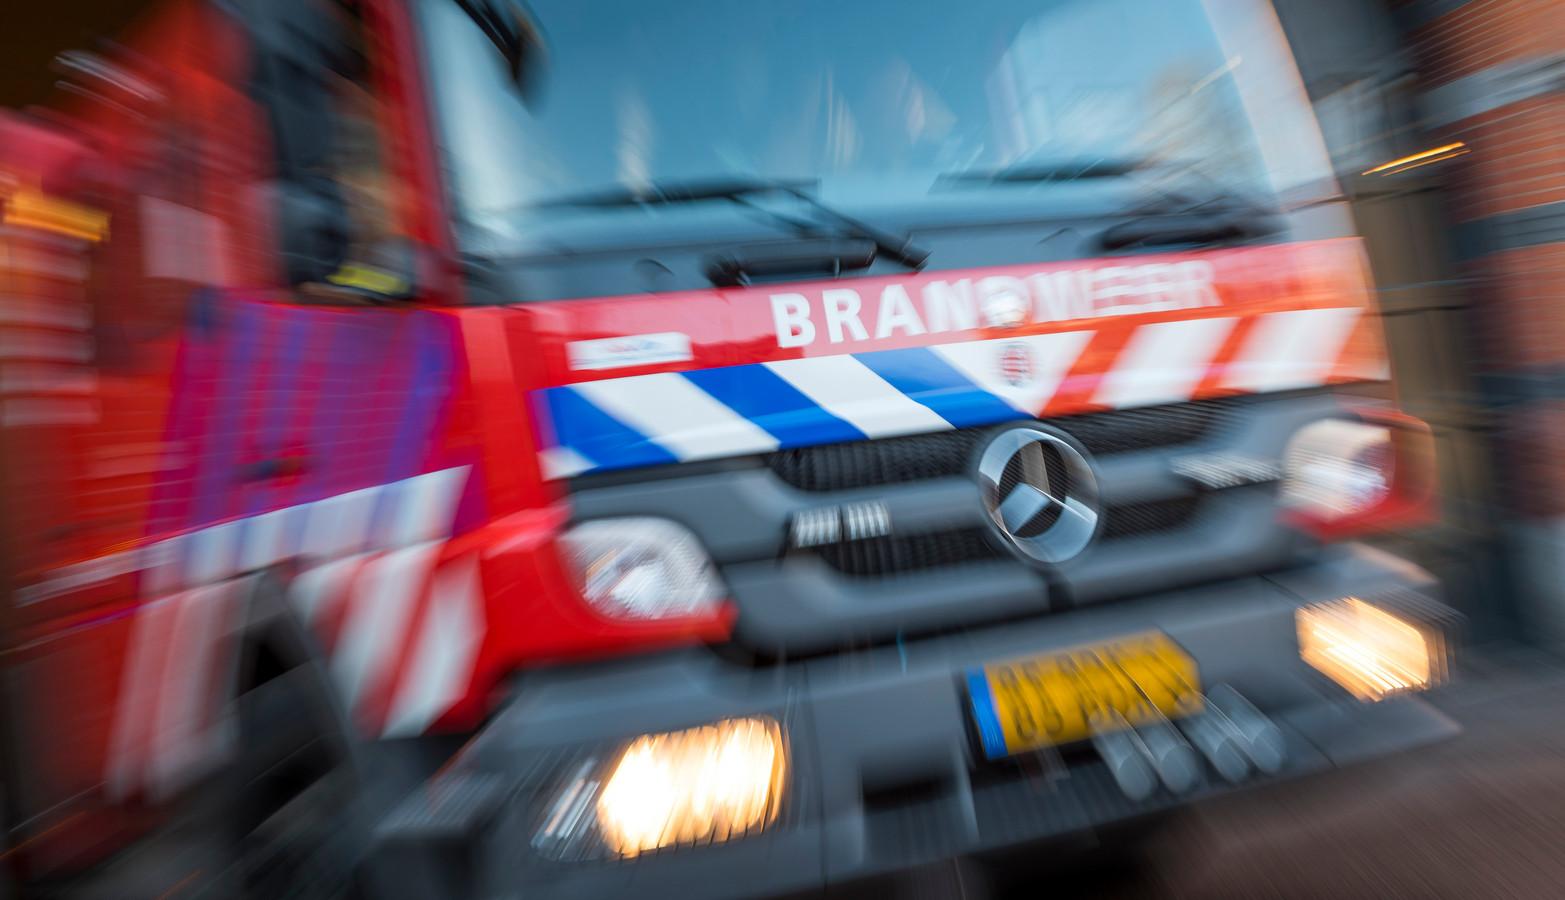 De brandweer van Waardenburg heeft vanaf dinsdag 8 mei de beschikking over een nieuwe hoogwerker.